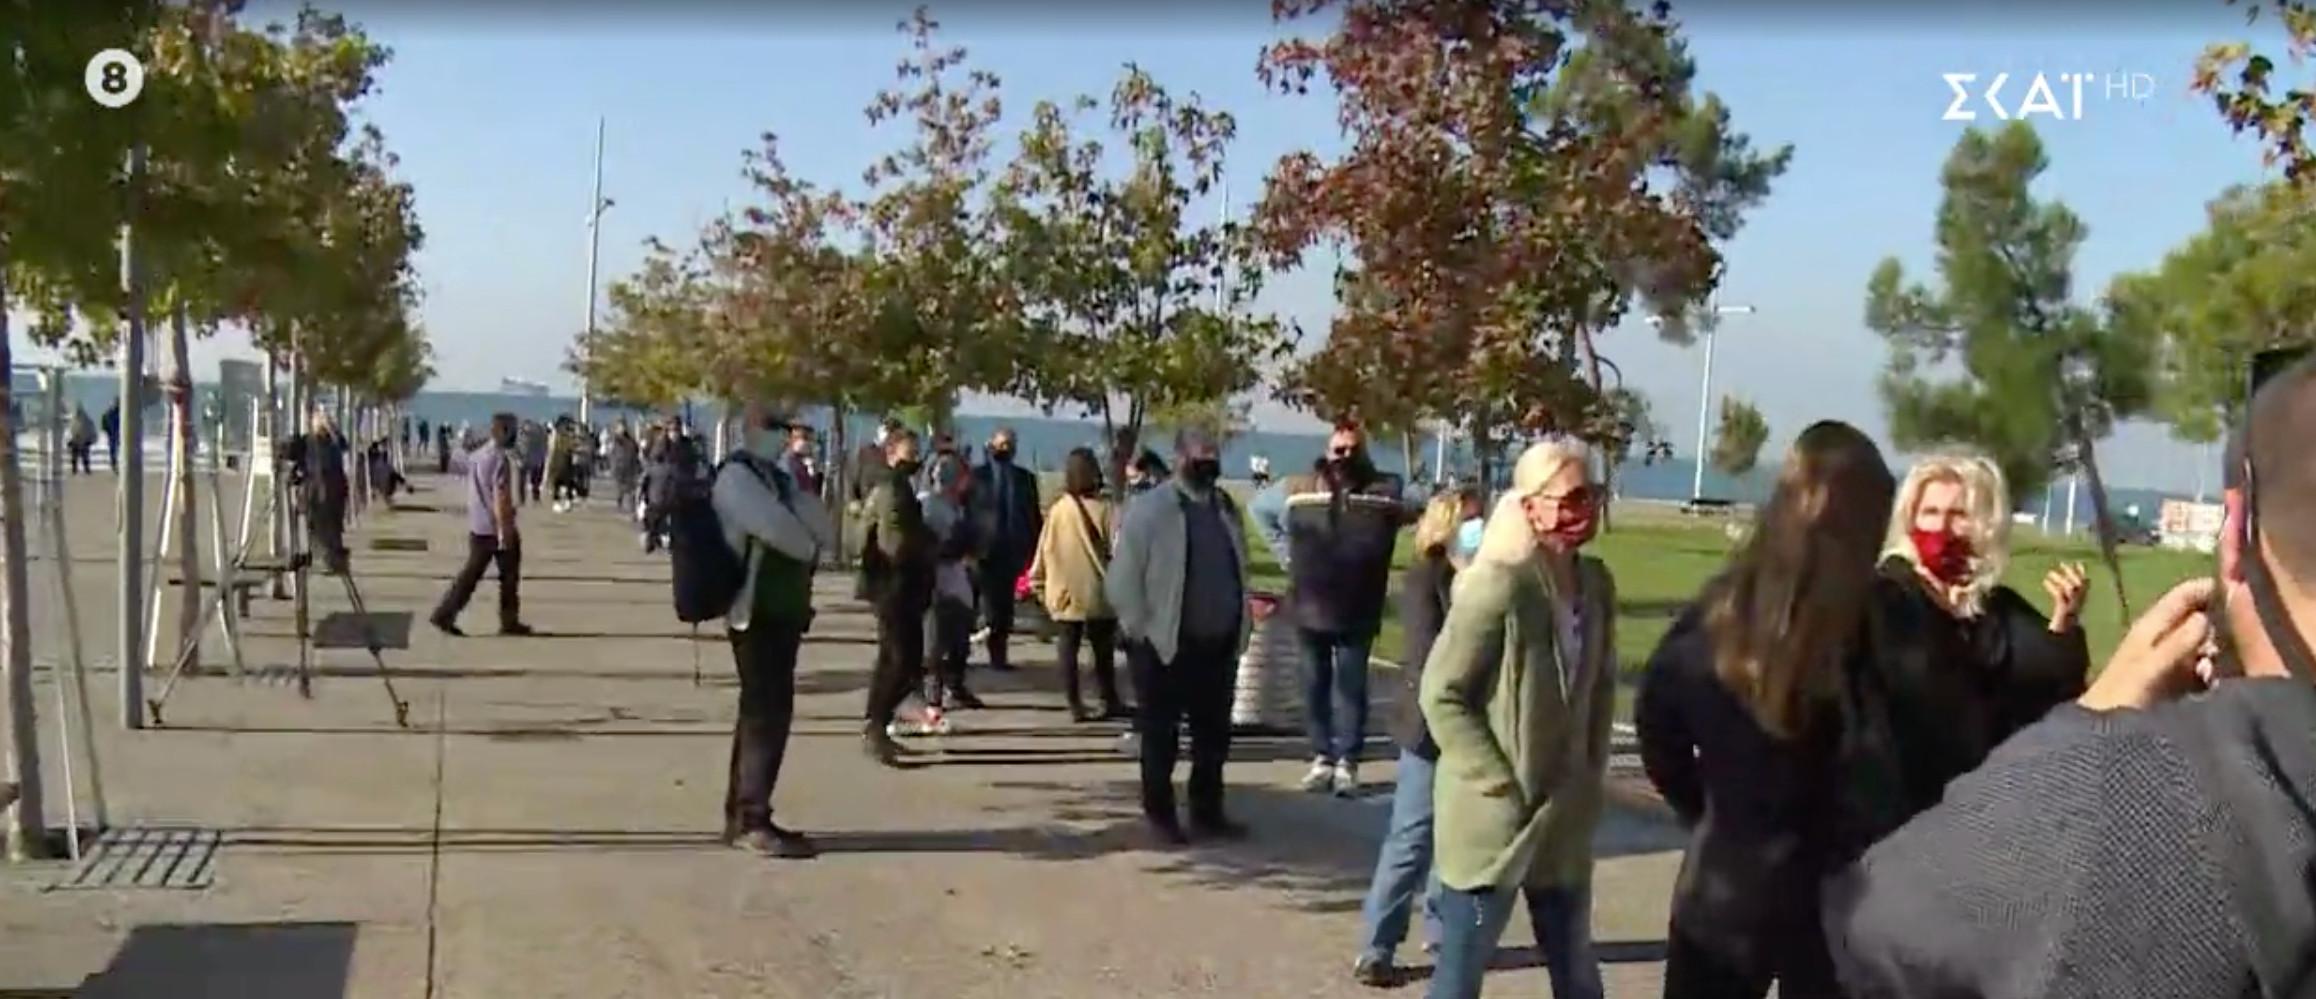 Ουρές για τεστ κορωνοϊού στη θεσσαλονίκη